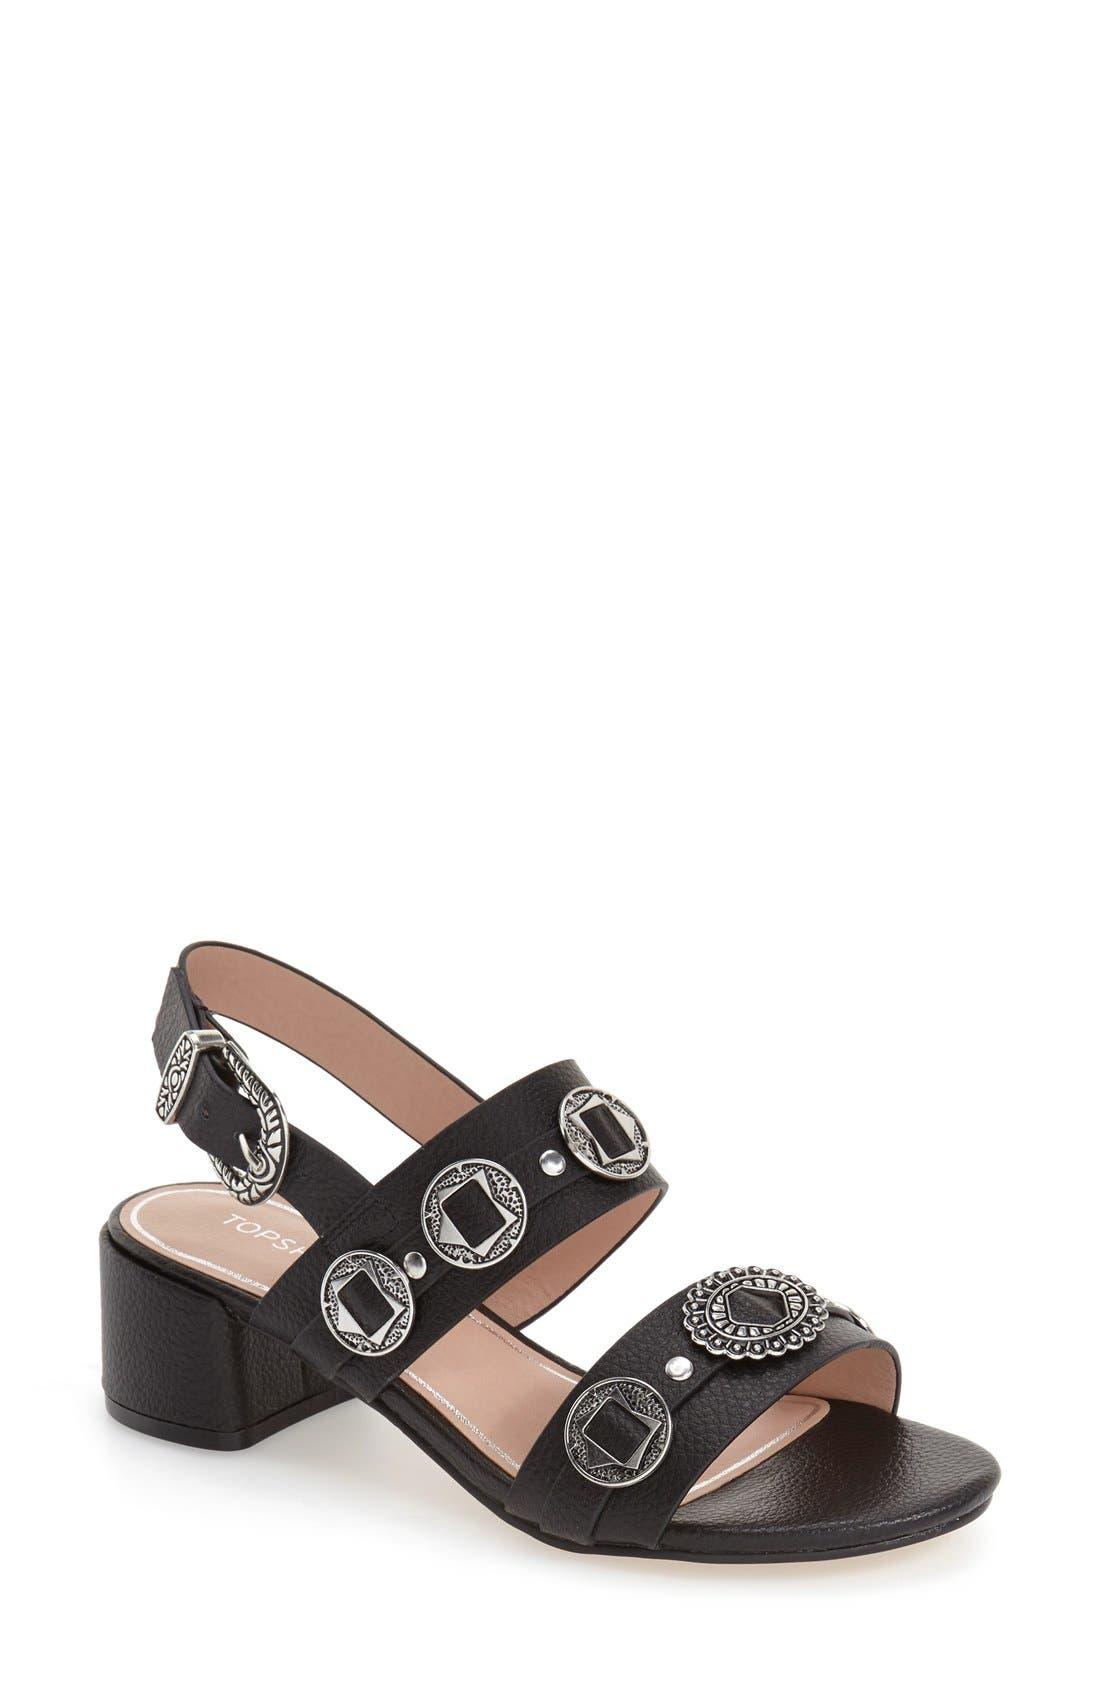 Main Image - Topshop 'Dandy' Block Heel Sandal (Women)